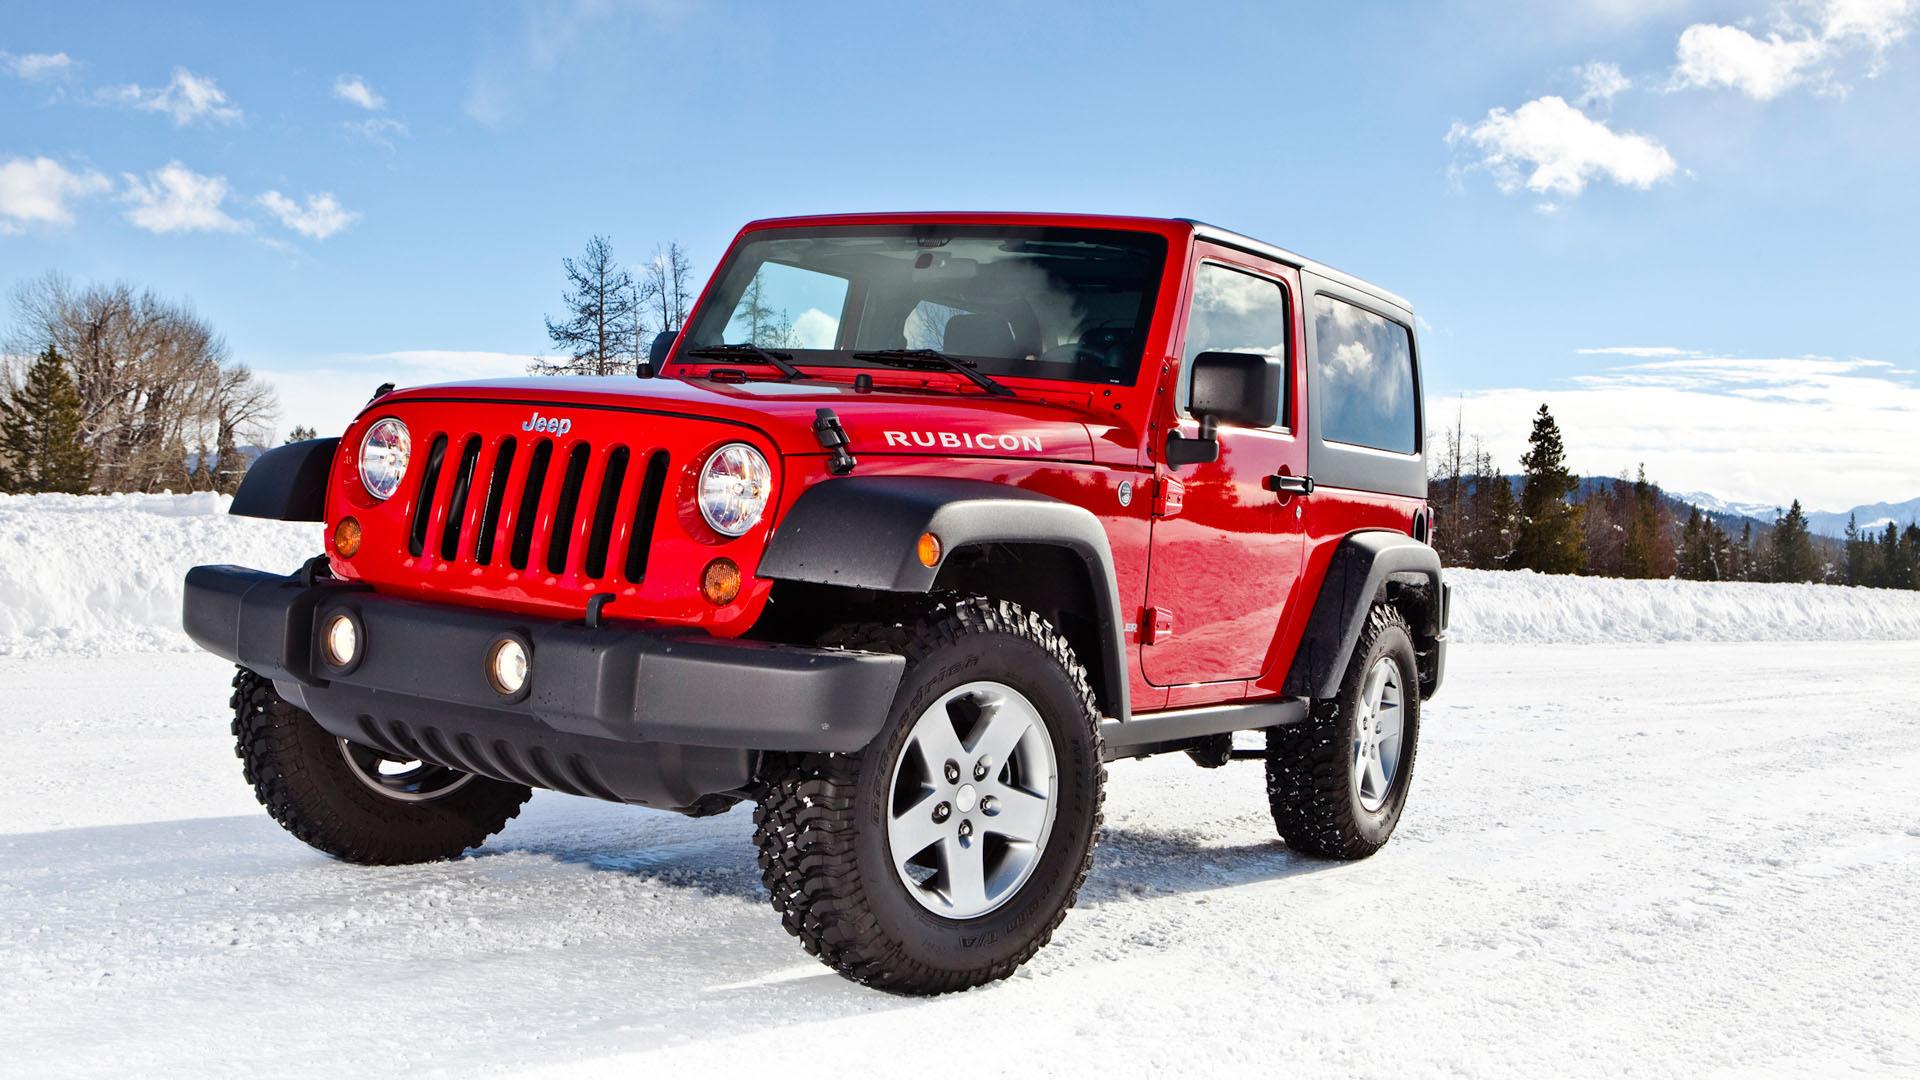 Jeep >> 红色jeep牧马人【图片 价格 包邮 视频】_淘宝助理